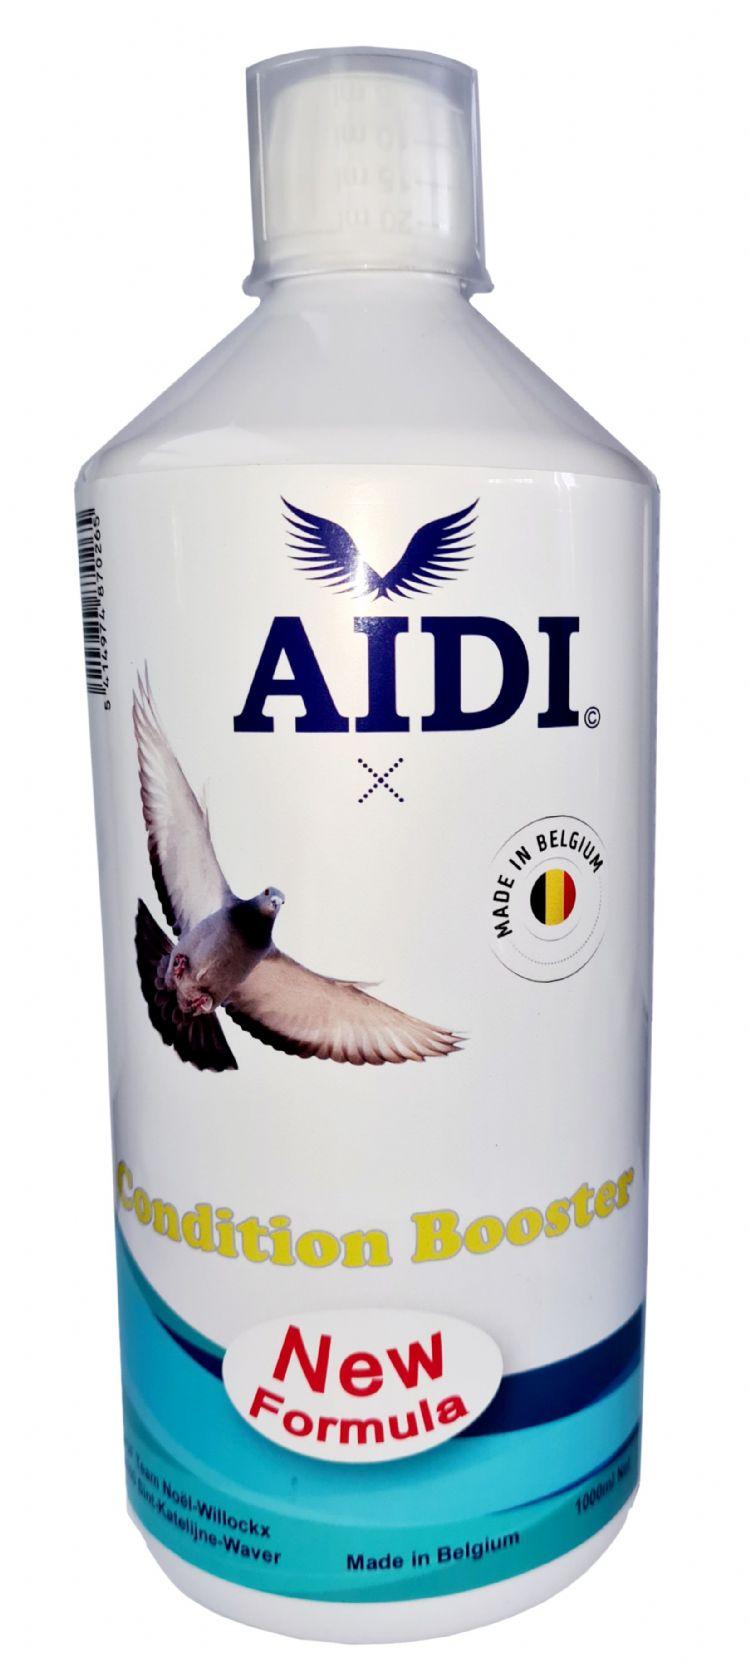 AIDI Condition Booster